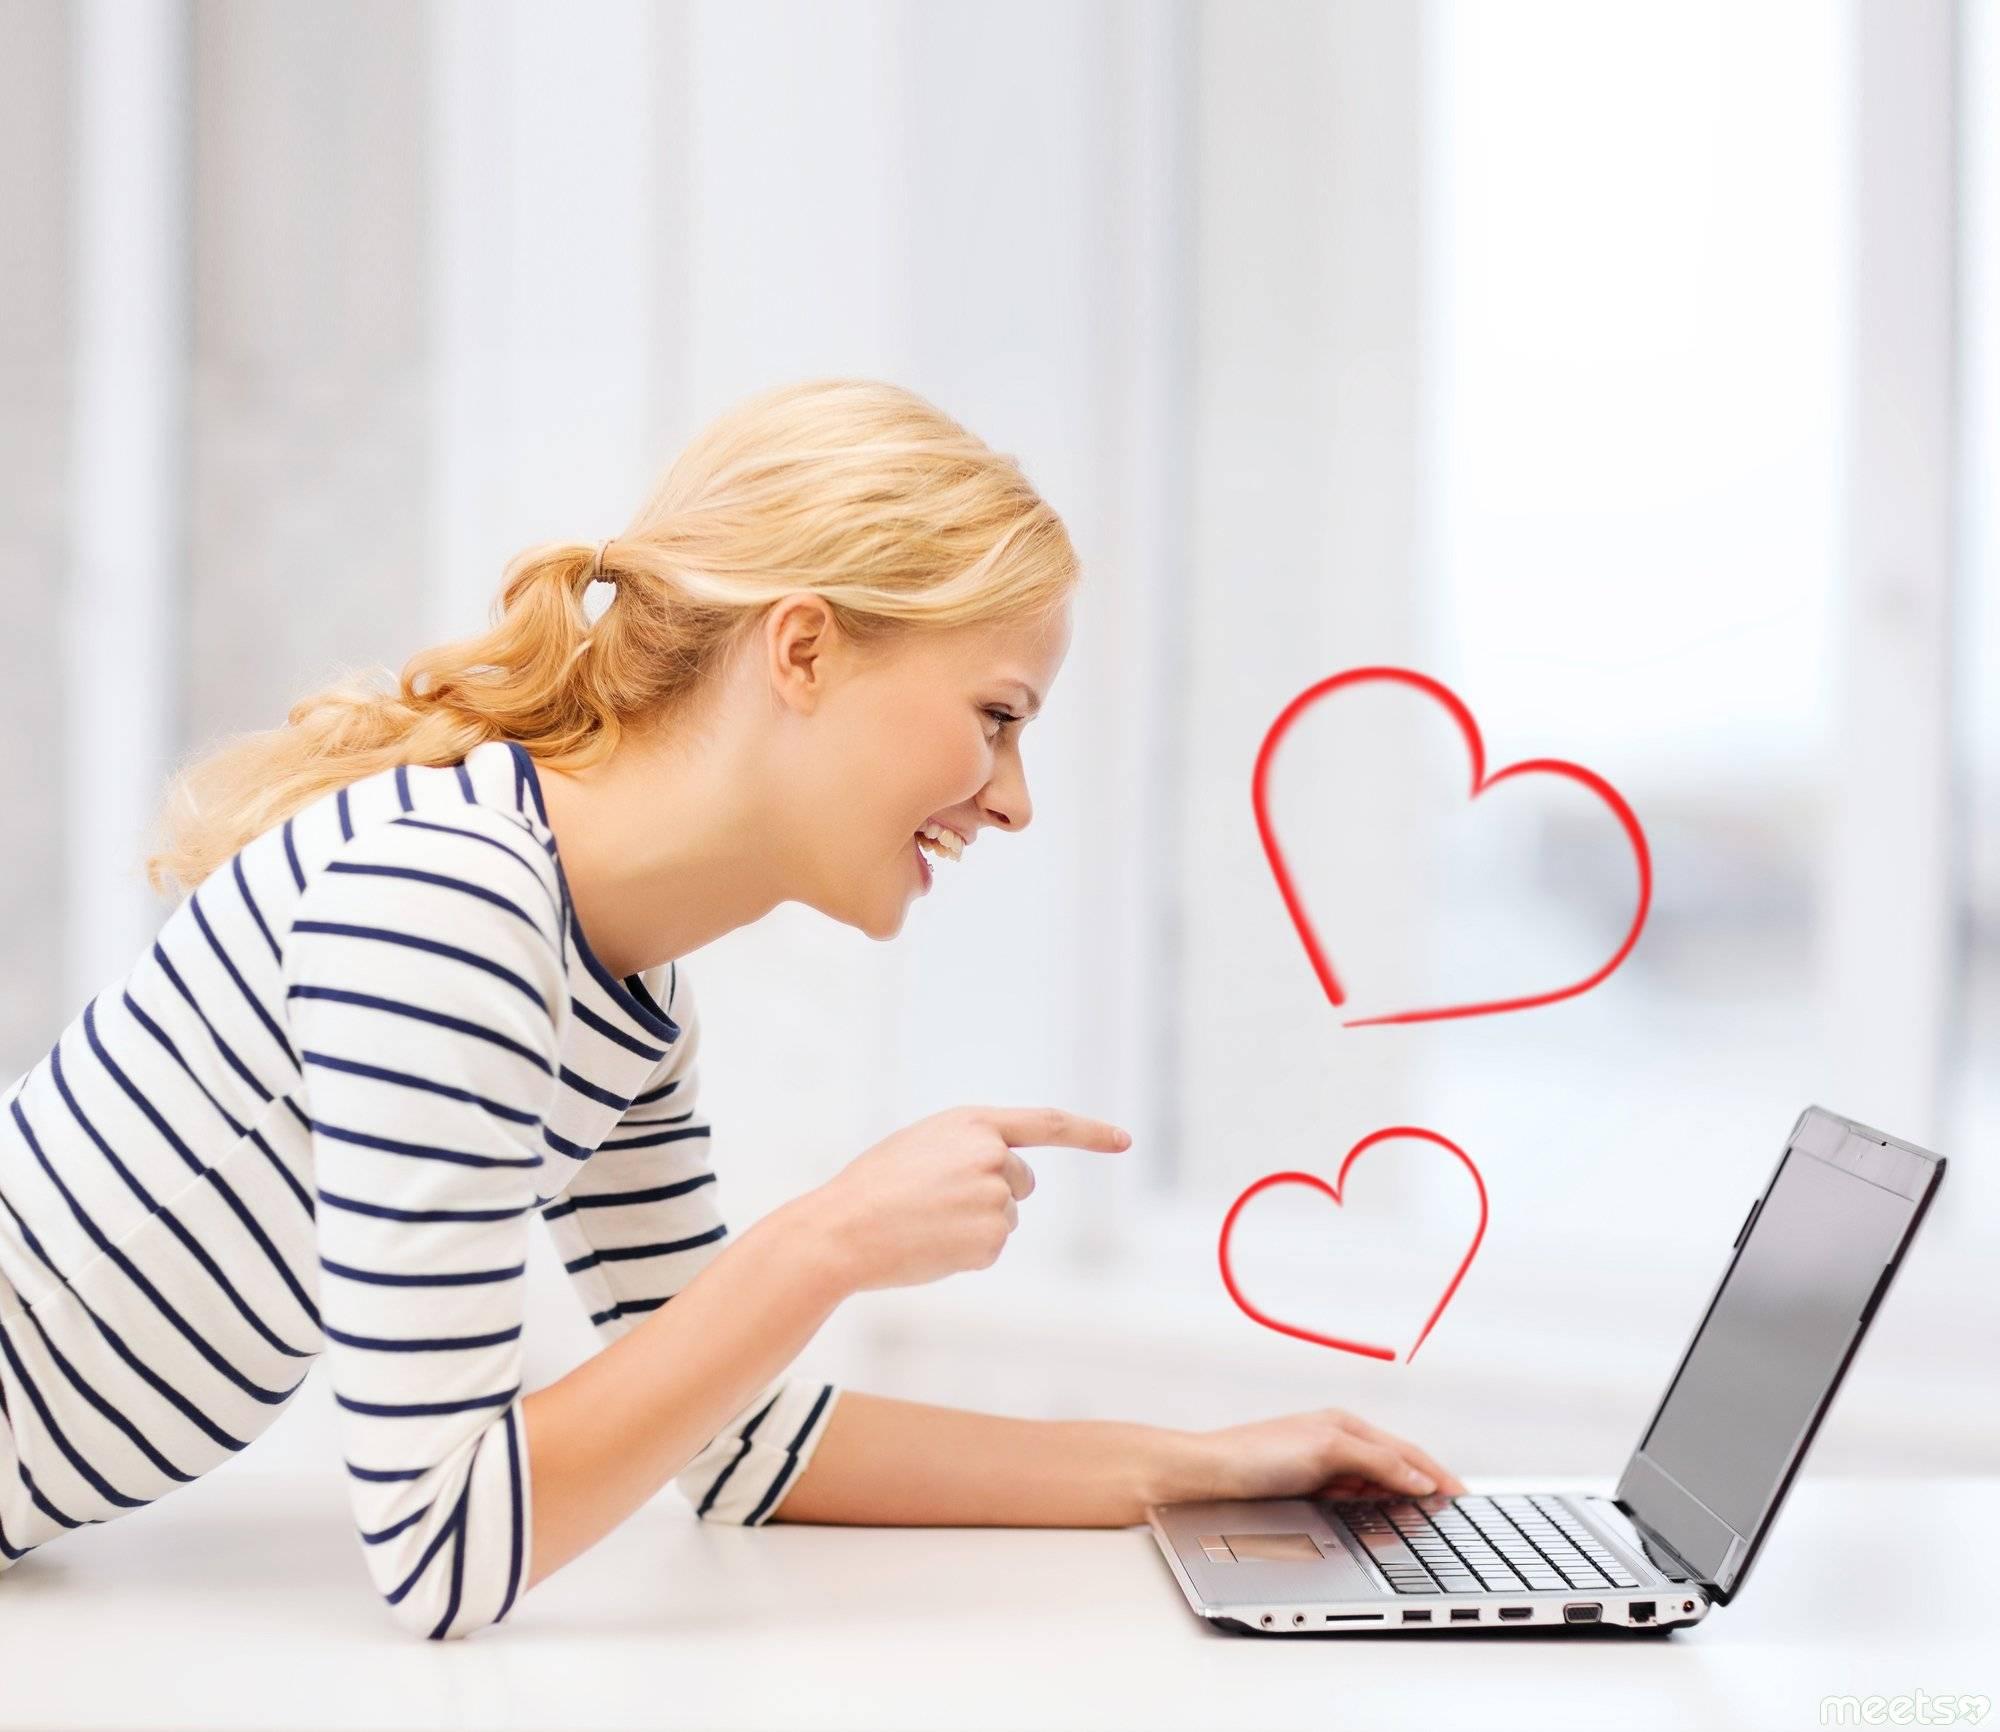 Как познакомиться с девушкой в вконтакте: примеры переписки и рекомендации